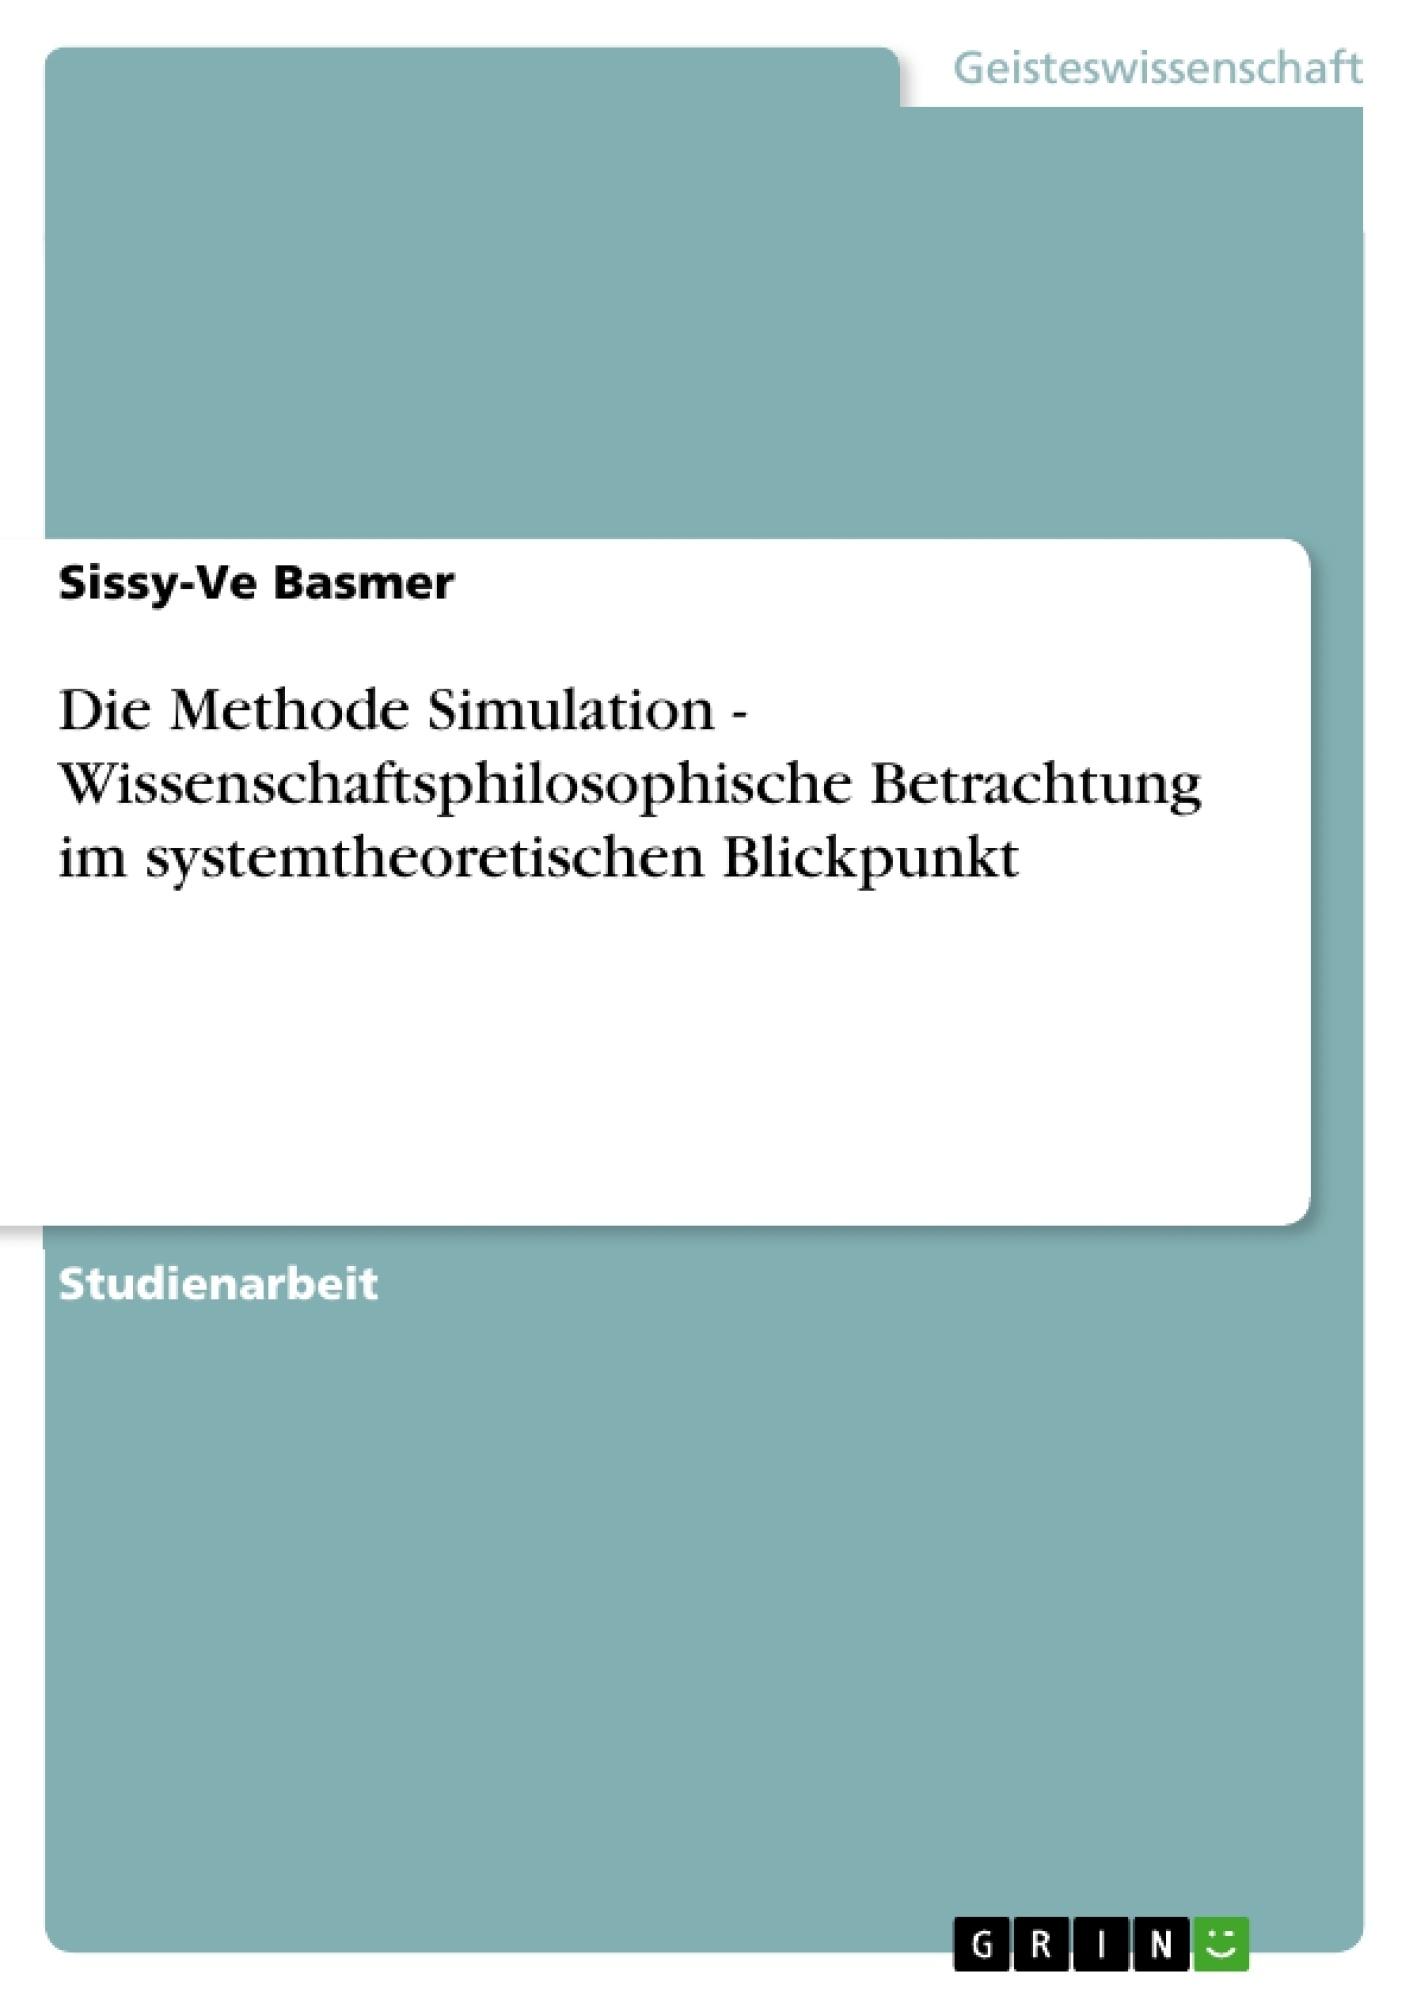 Titel: Die Methode Simulation - Wissenschaftsphilosophische Betrachtung im systemtheoretischen Blickpunkt